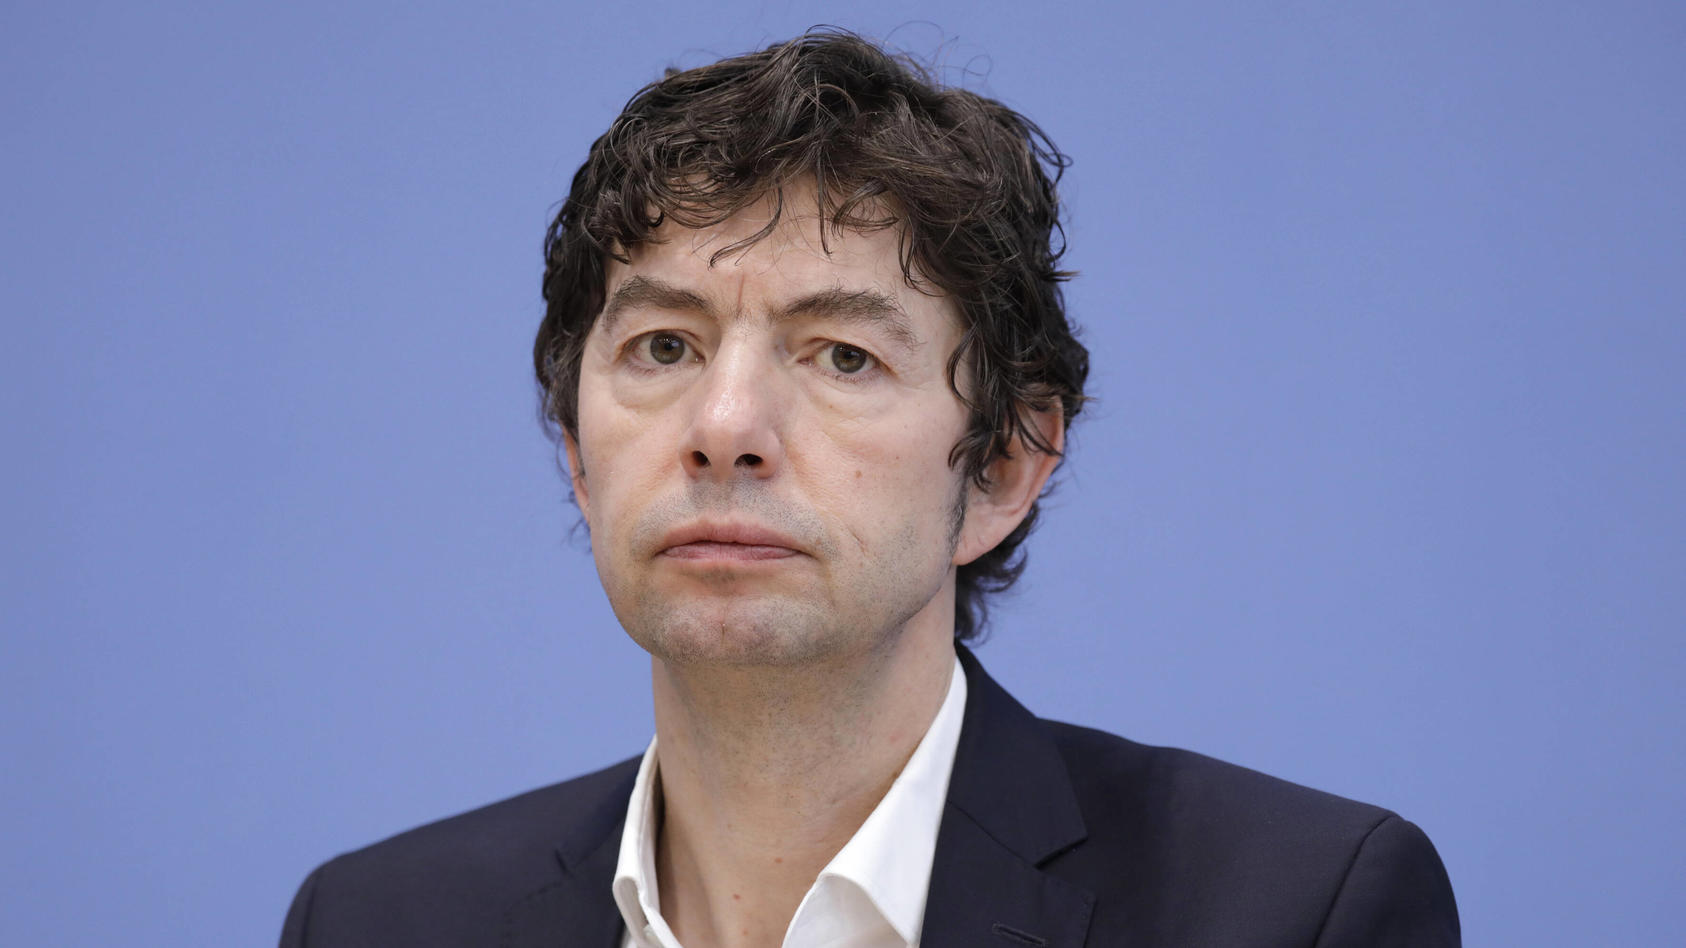 Prof. Dr. Christian Drosten ist der wohl gefragteste Virologe derzeit